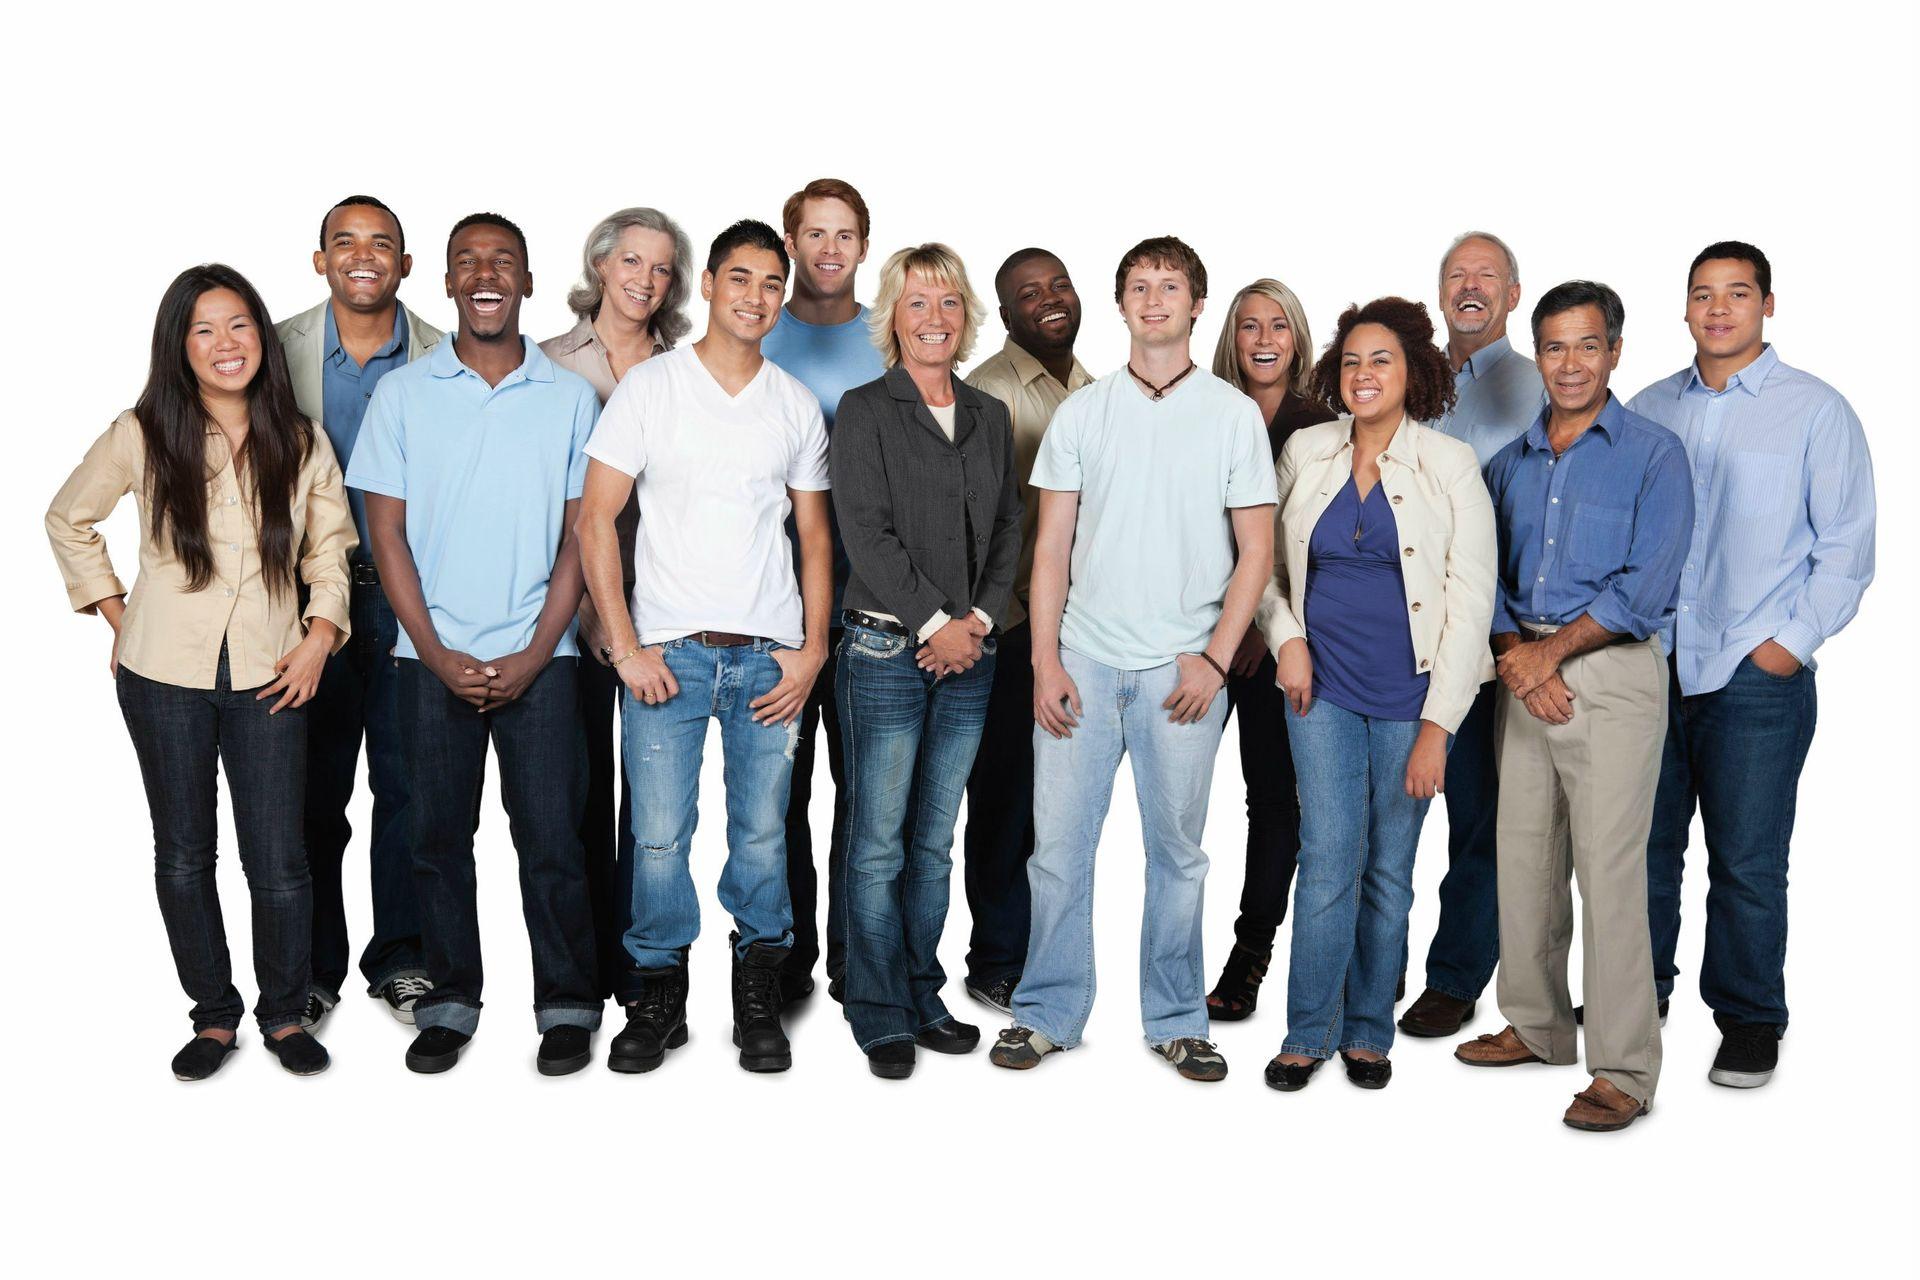 people-8-people